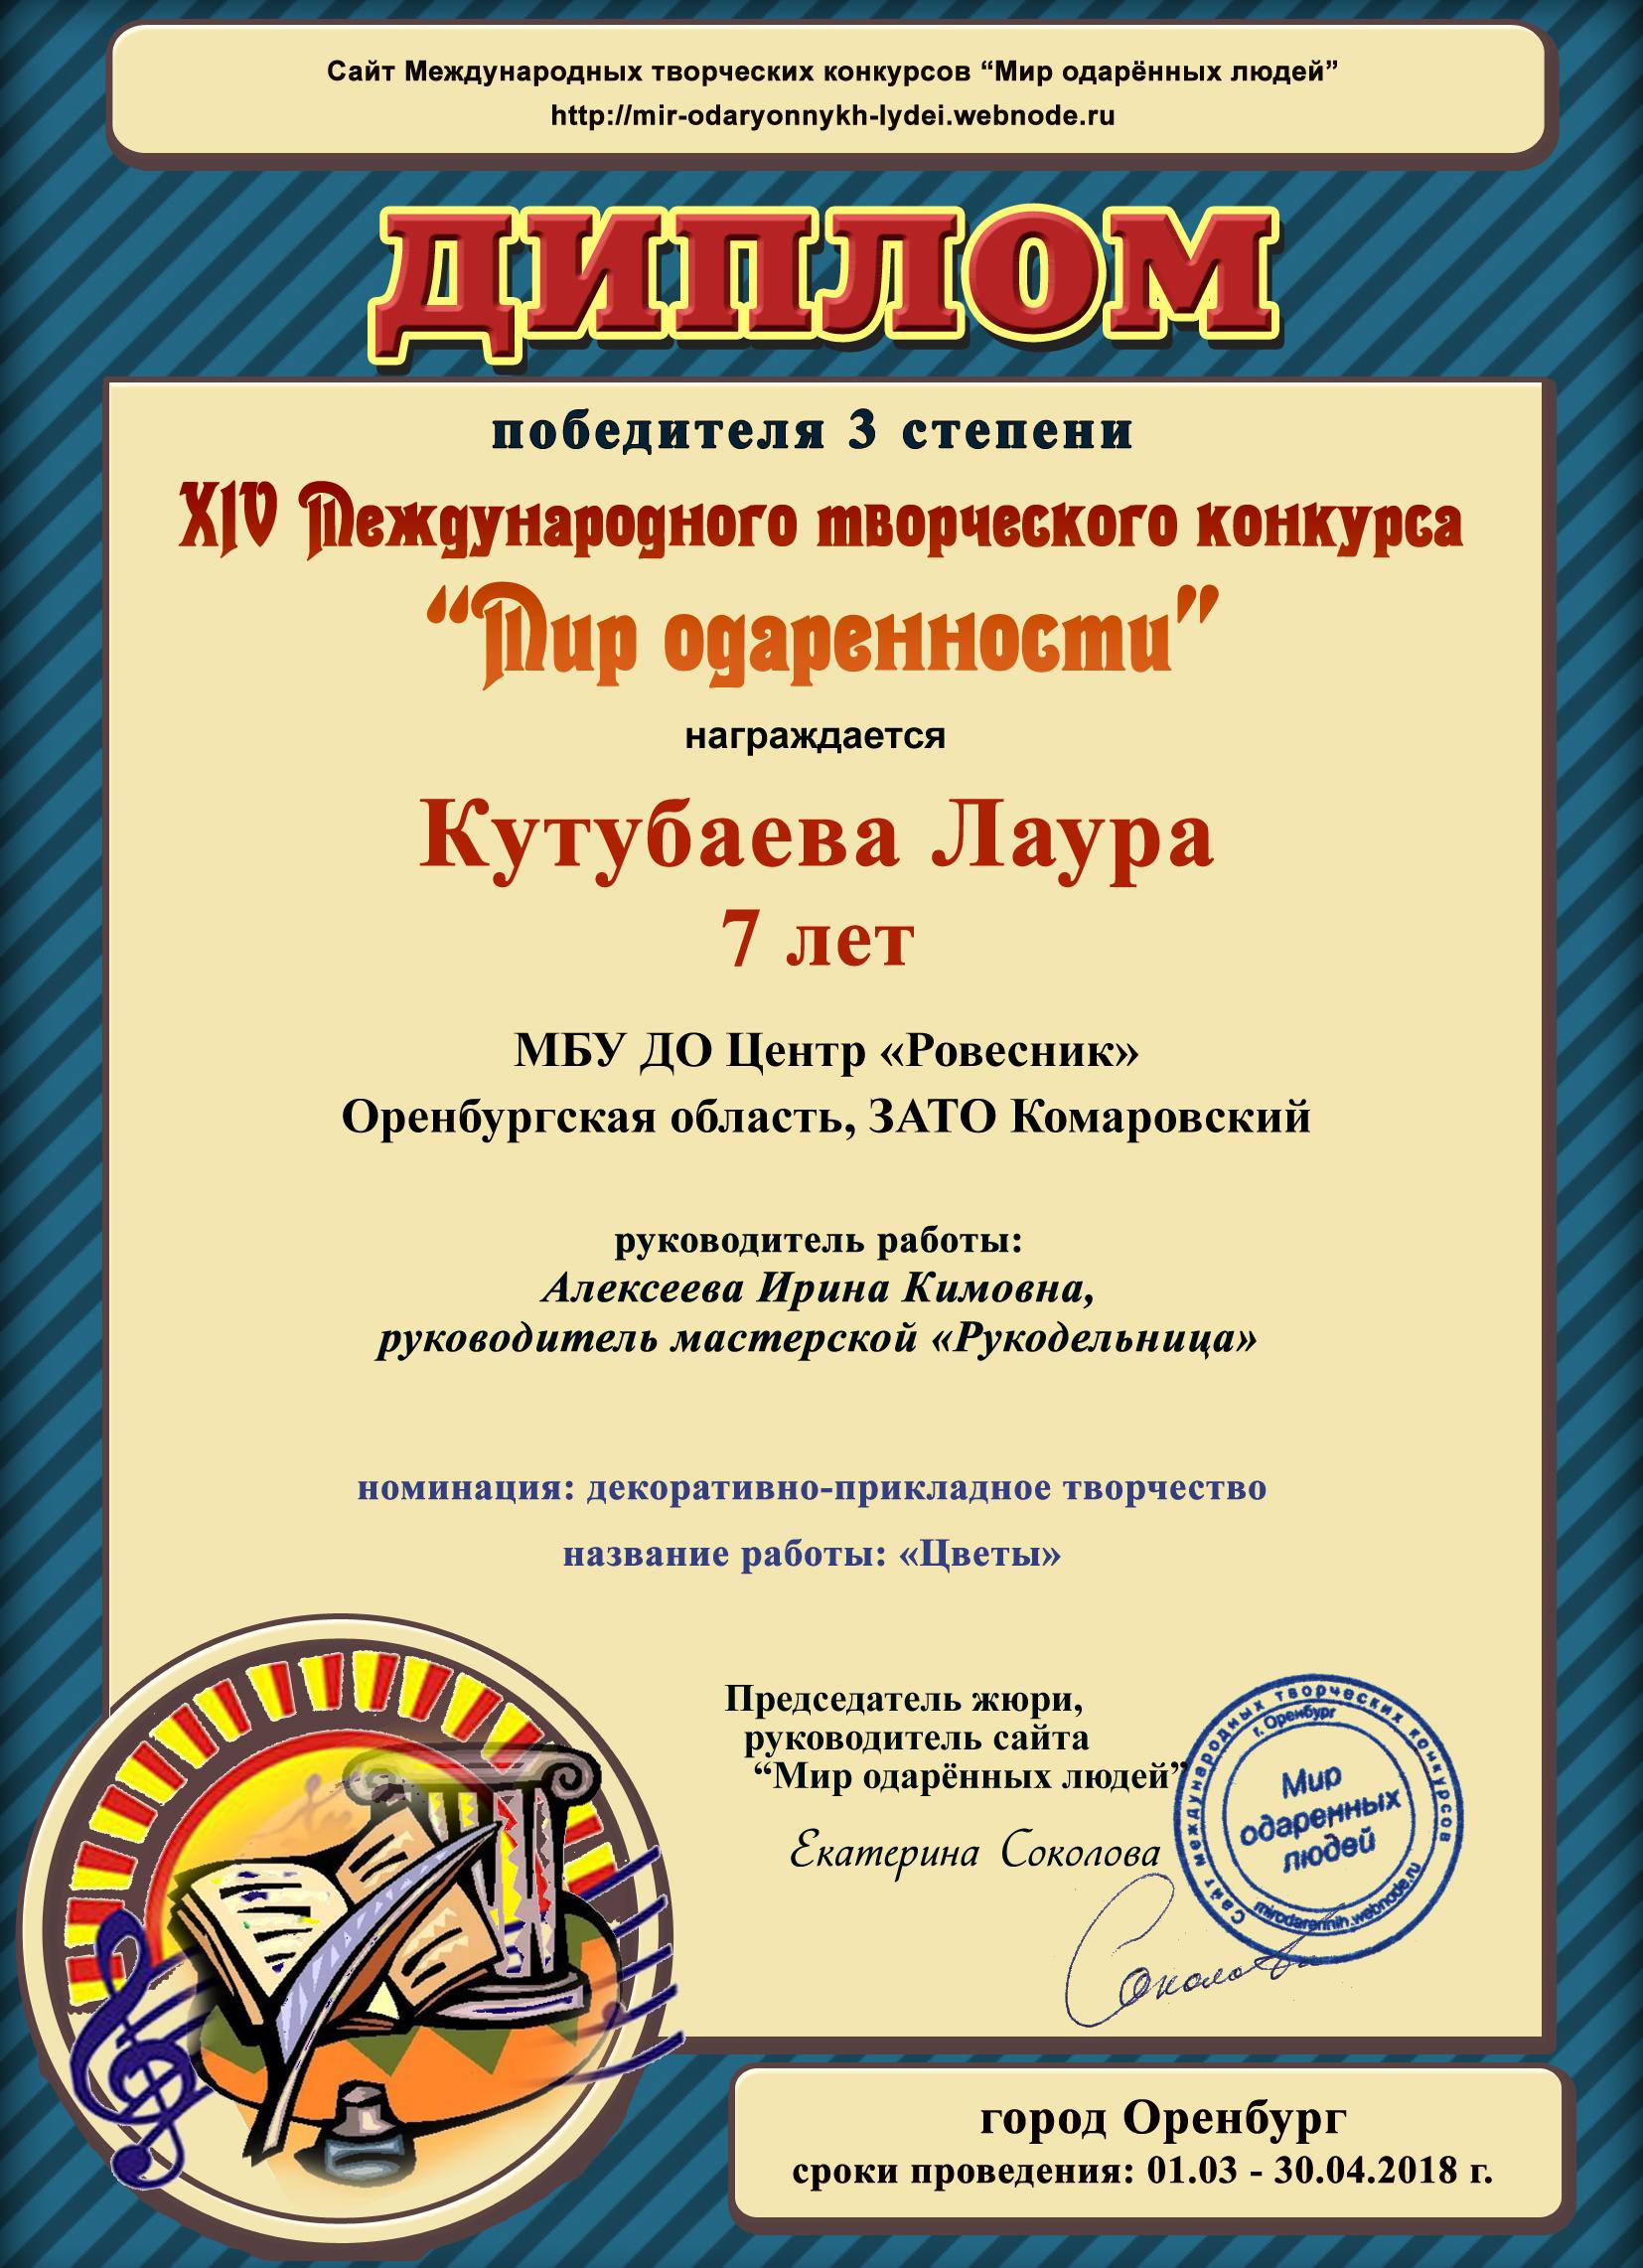 Кутубаева Лаура